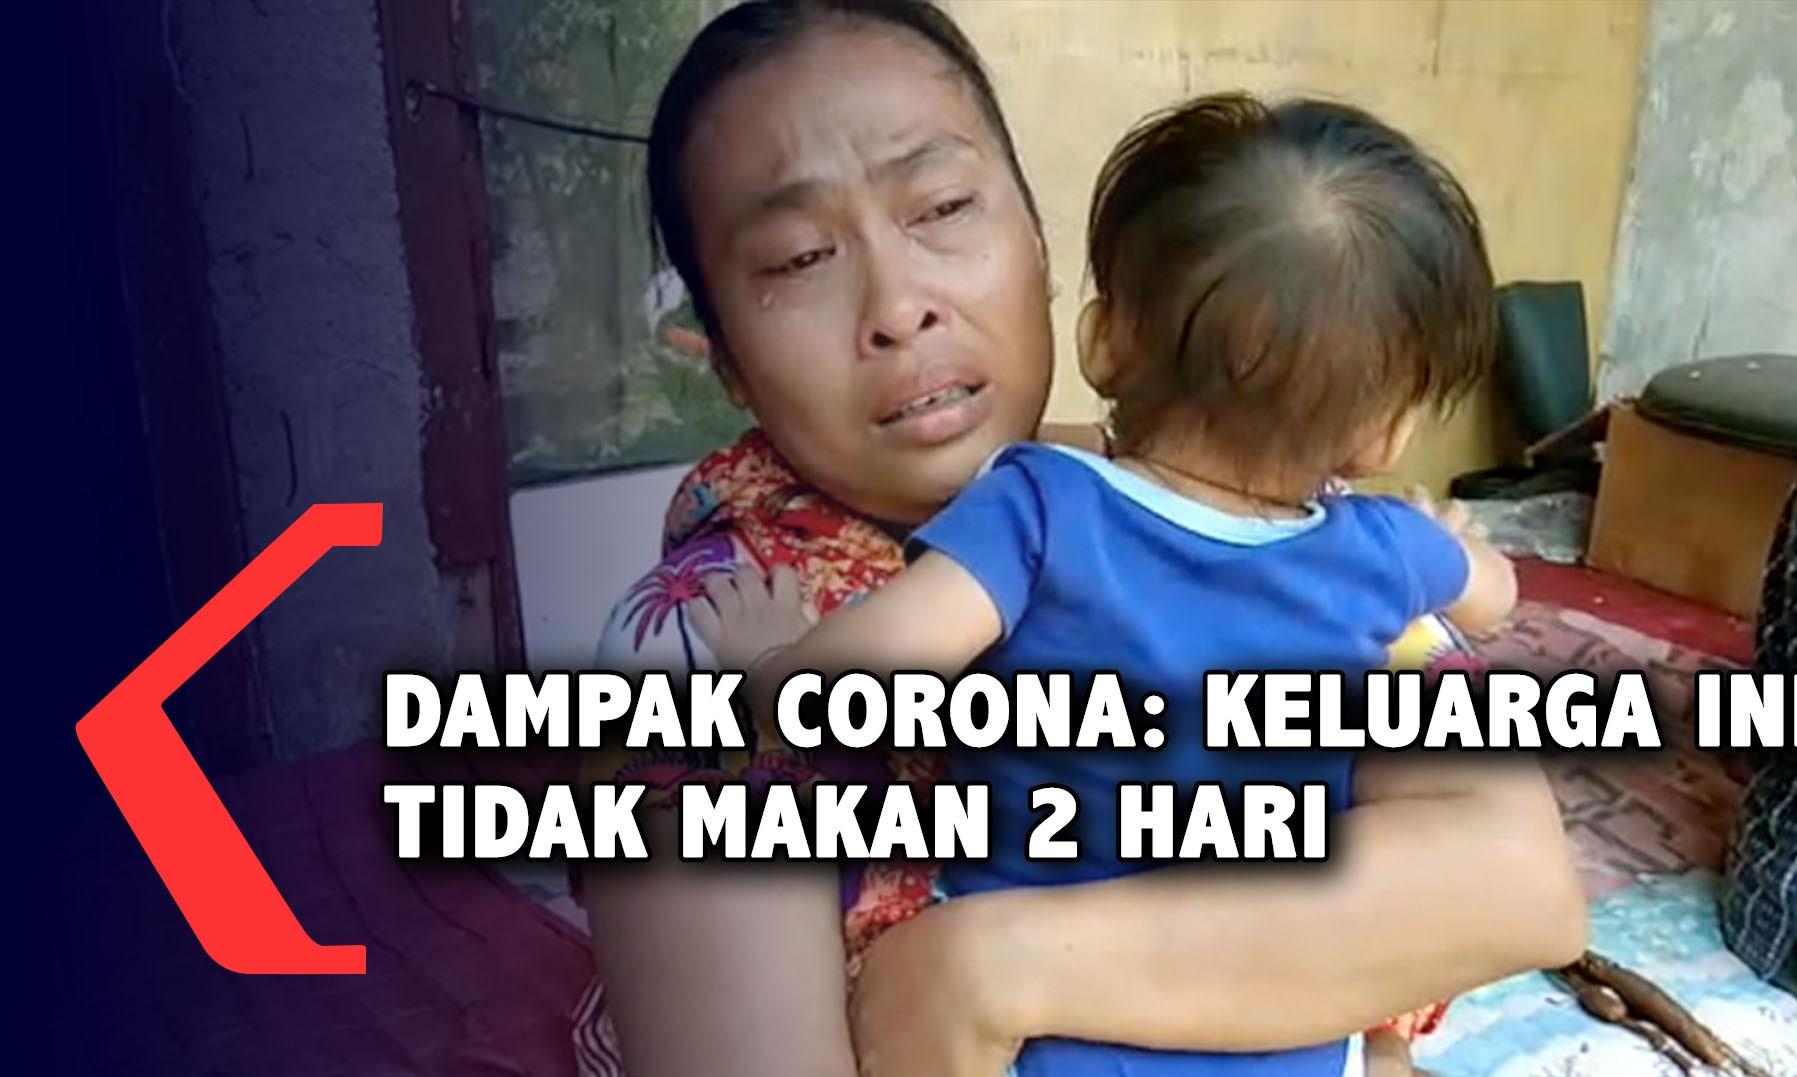 memprihatinkan-satu-keluarga-kelaparan-tak-makan-2-hari-karena-dampak-corona